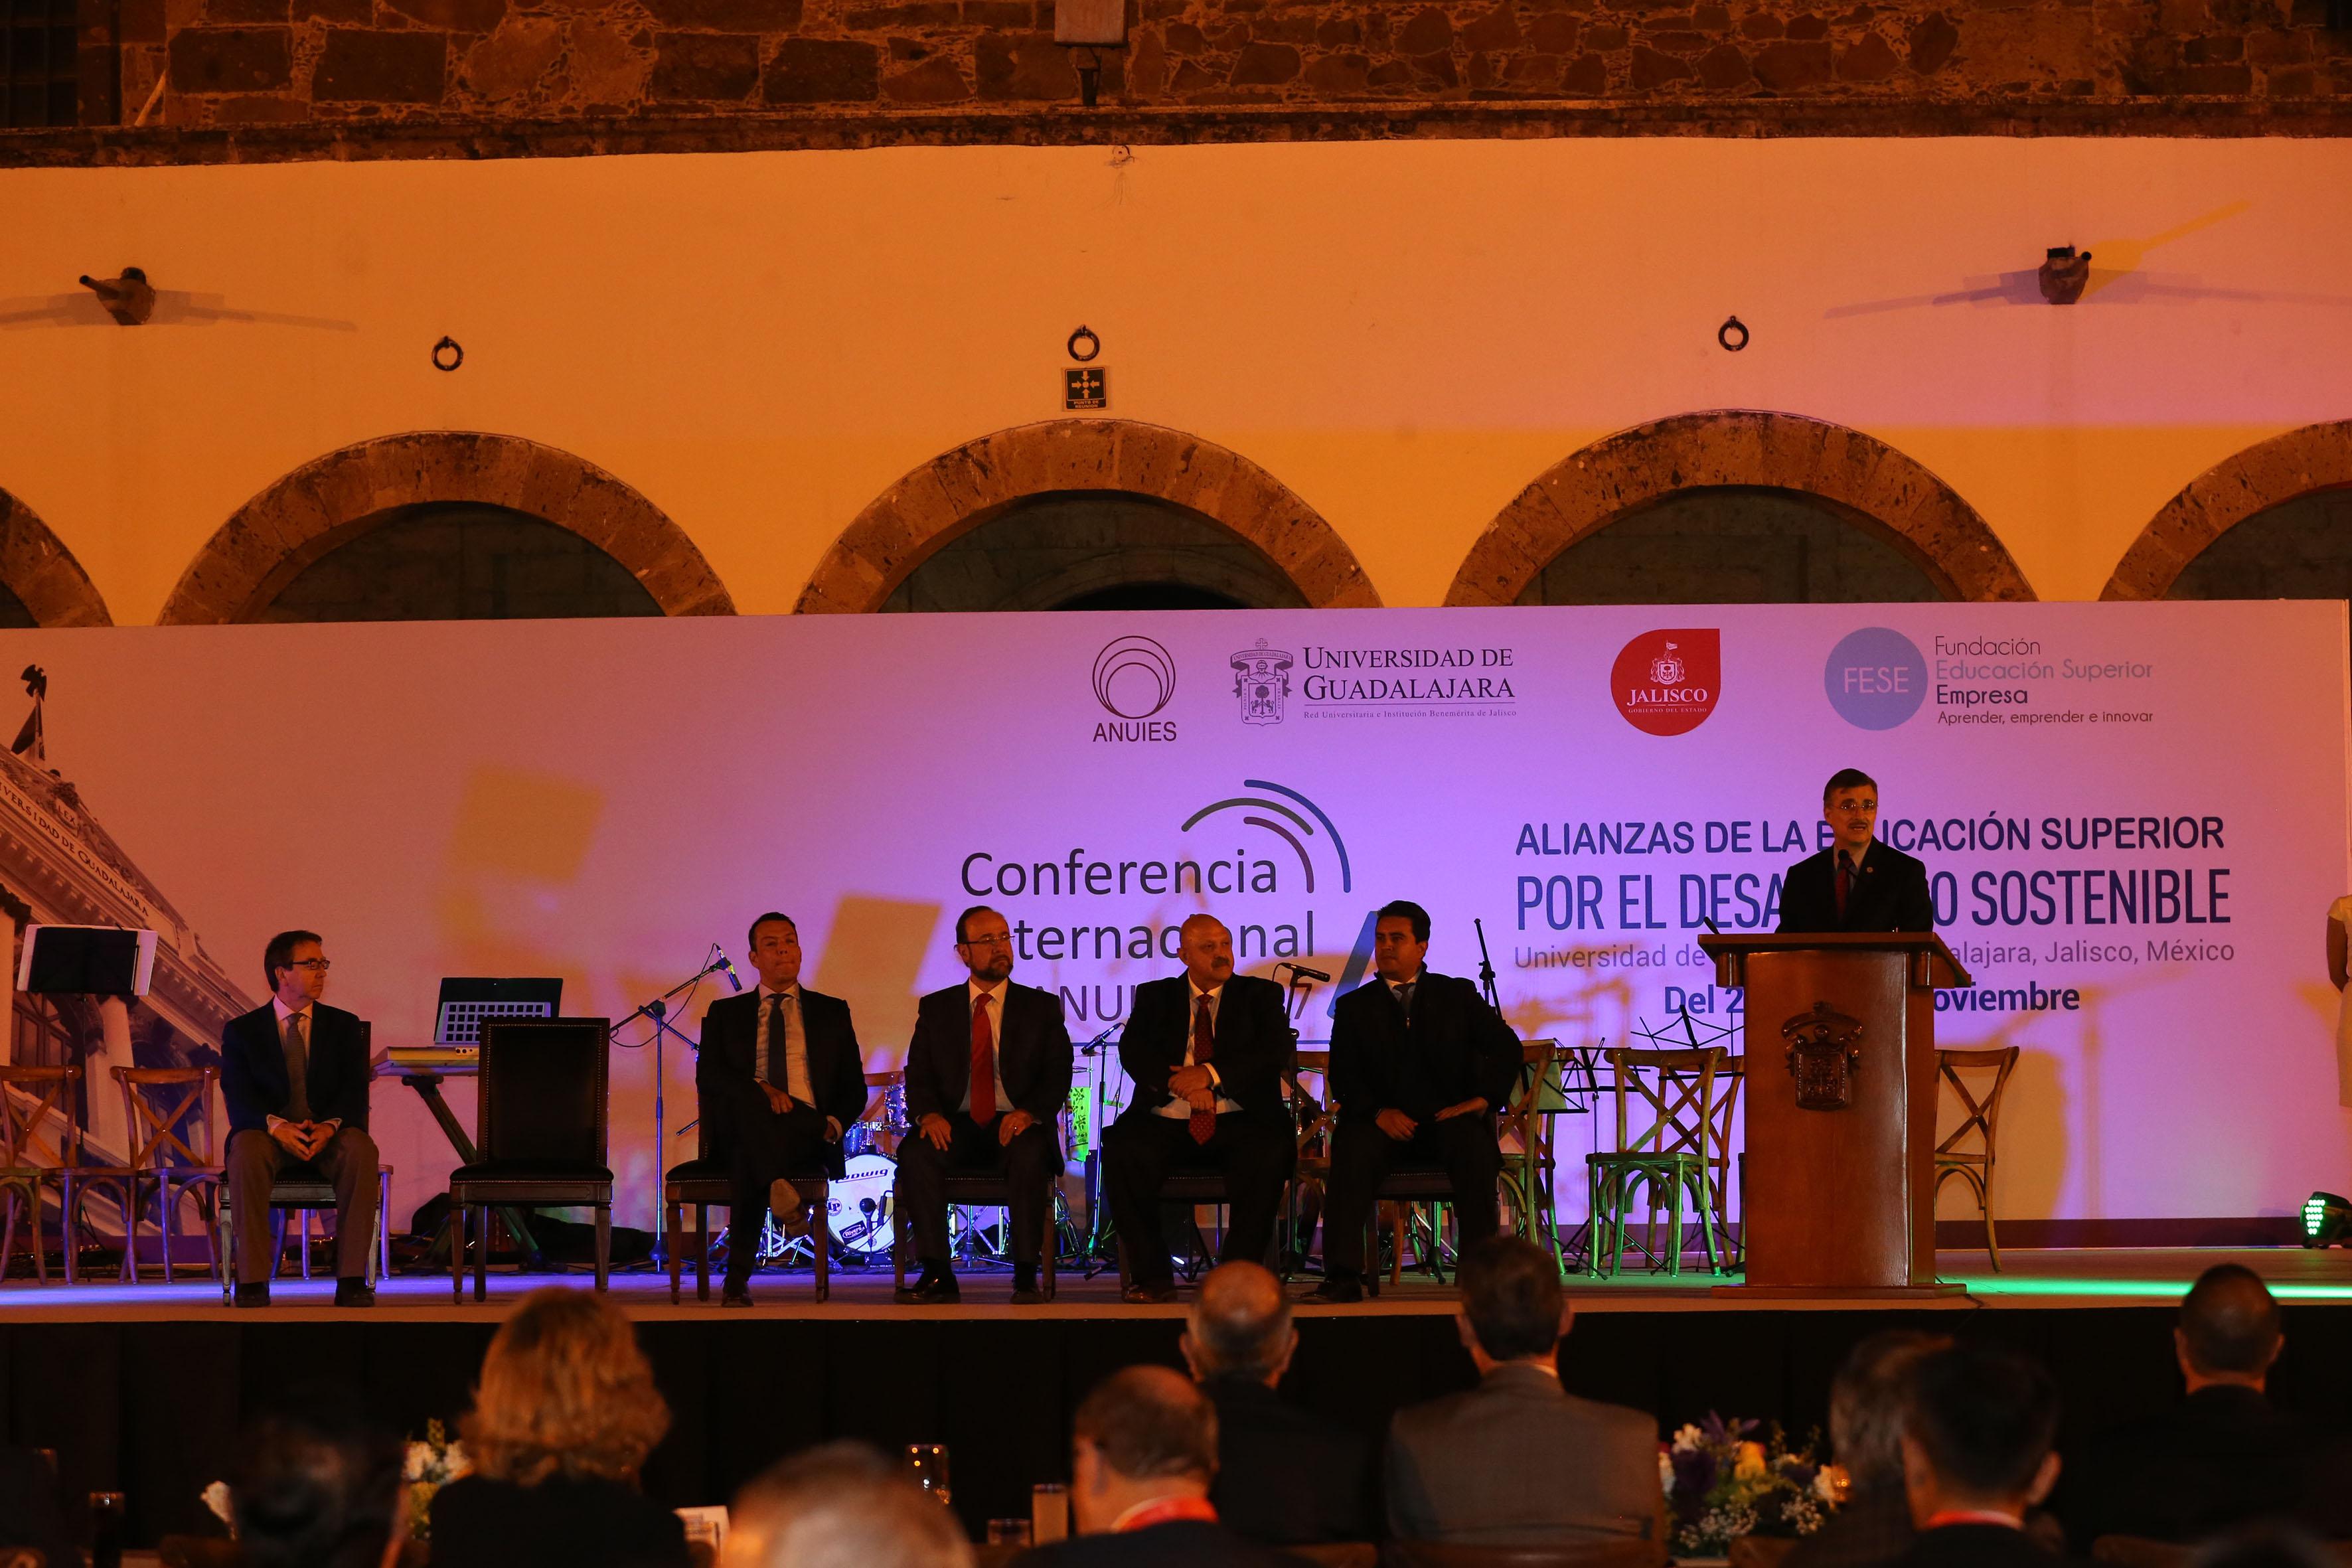 Sesión Ordinaria de la Asociación Nacional de Universidades e Instituciones de Educación Superior (ANUIES), realizada en el Instituto Cultural Cabañas.